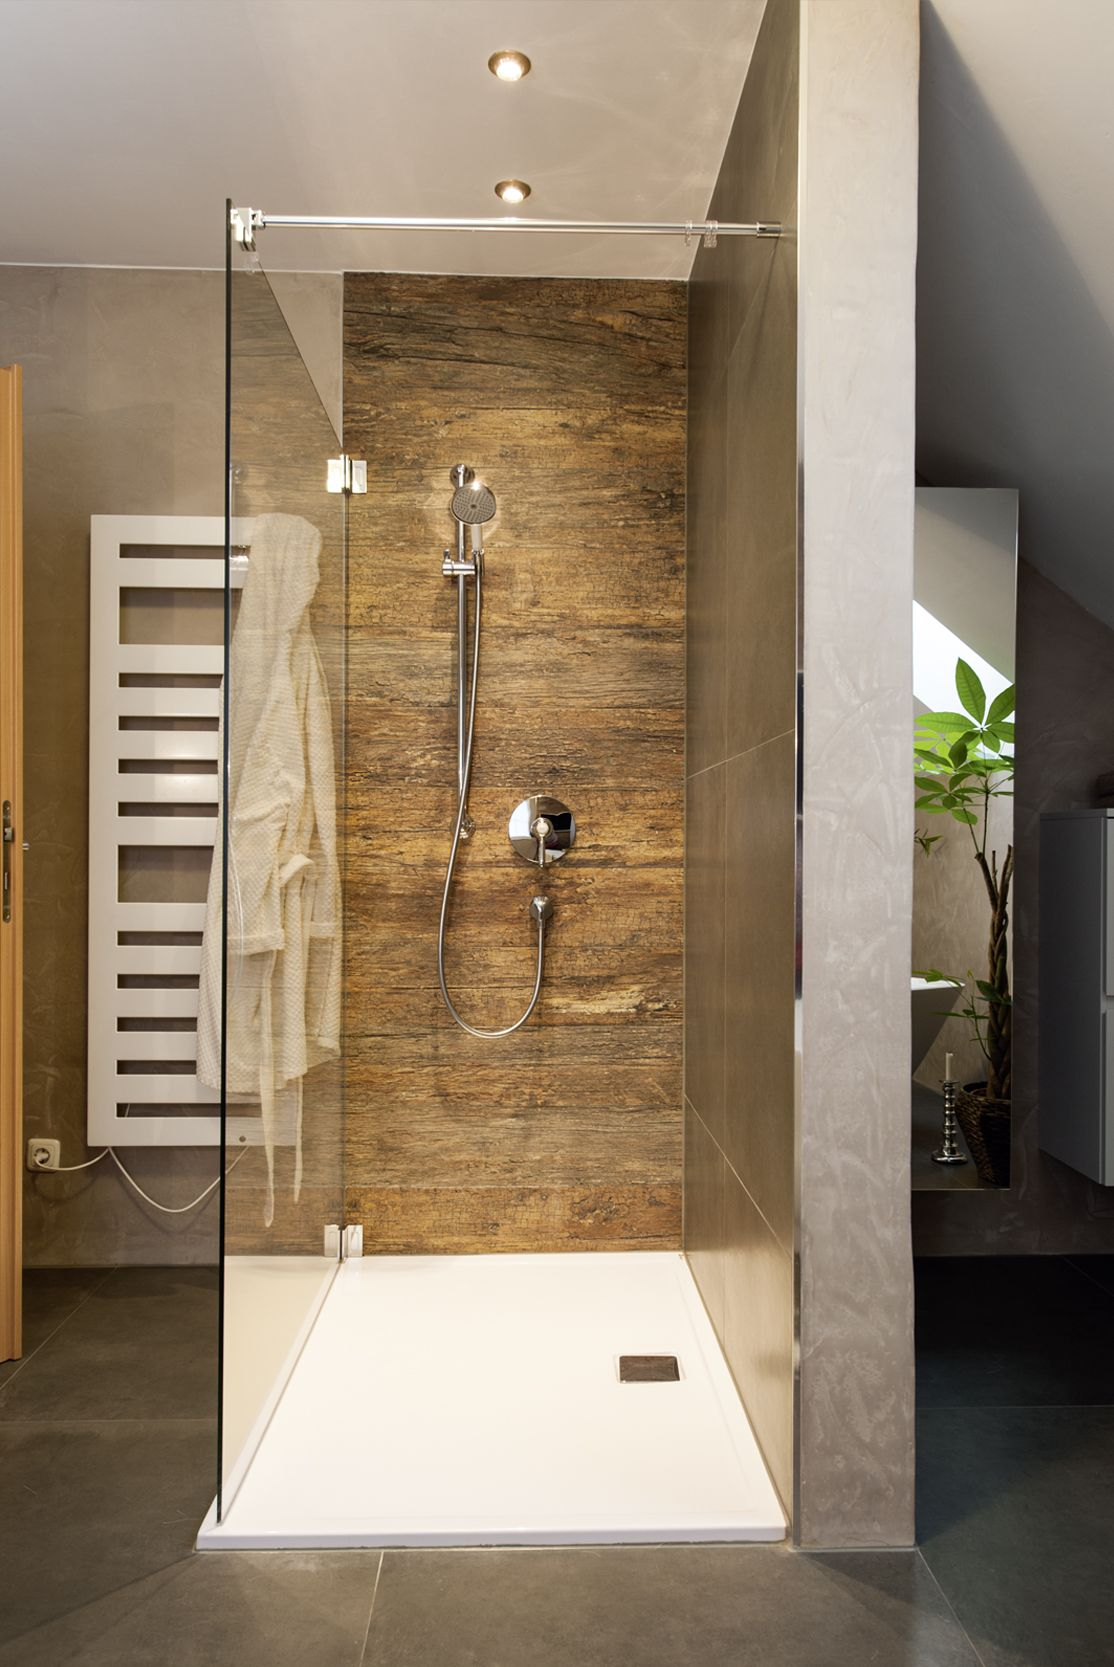 Frei Begehbare Dusche Armaturen Im Retrostyle Bei Wanne Dusche Und Waschtisch Retrowaschtisch Mit St Begehbare Dusche Ebenerdige Dusche Badezimmer Klein